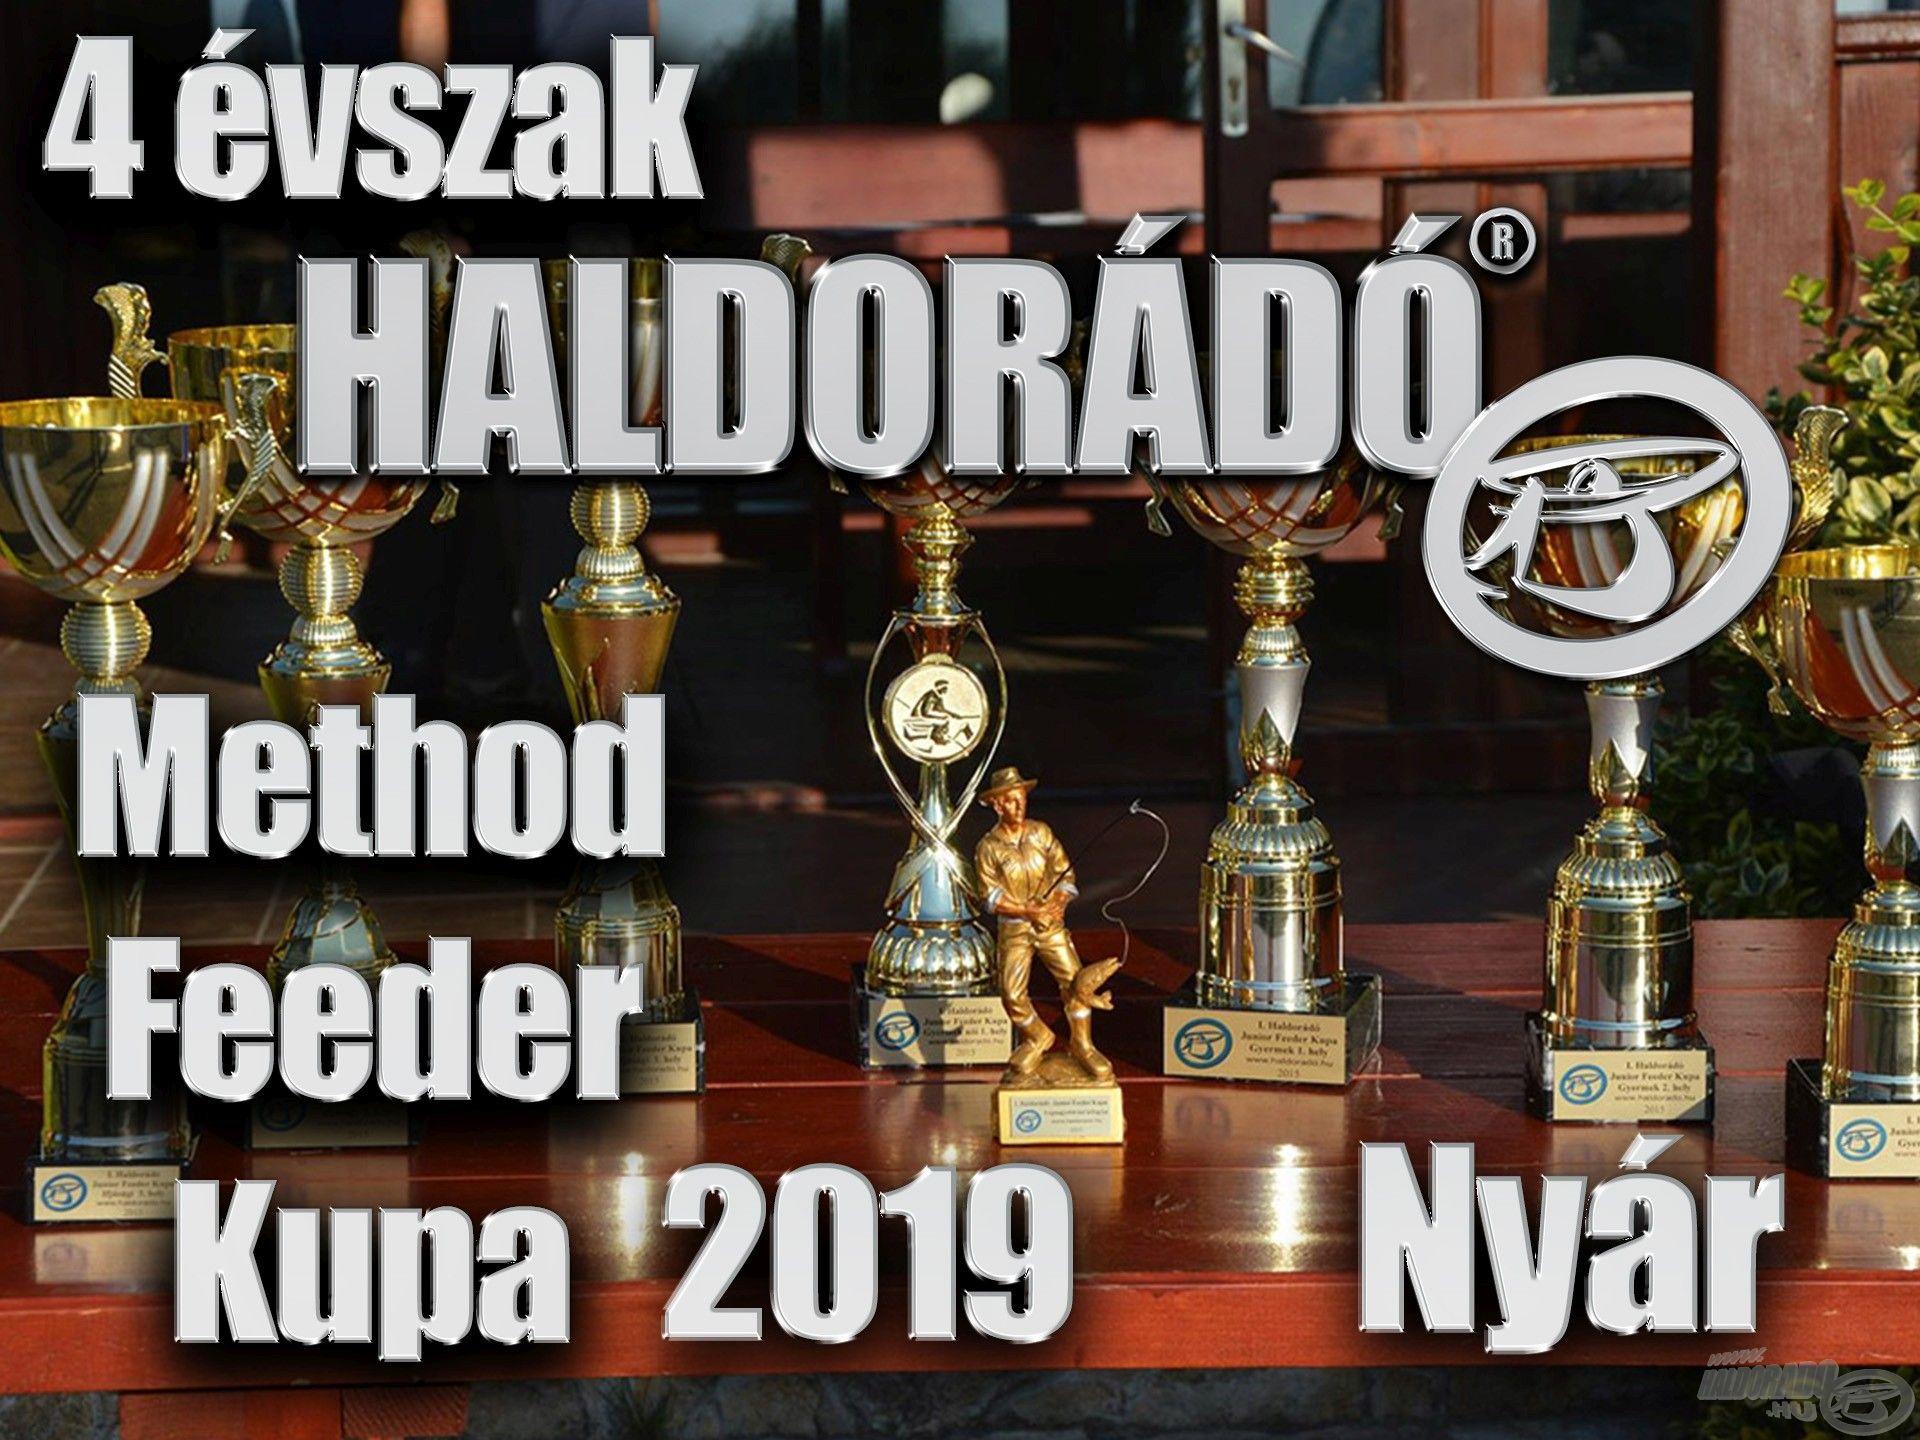 4 évszak Haldorádó Method Feeder Kupa 2019 versenysorozat kiírás – Nyár